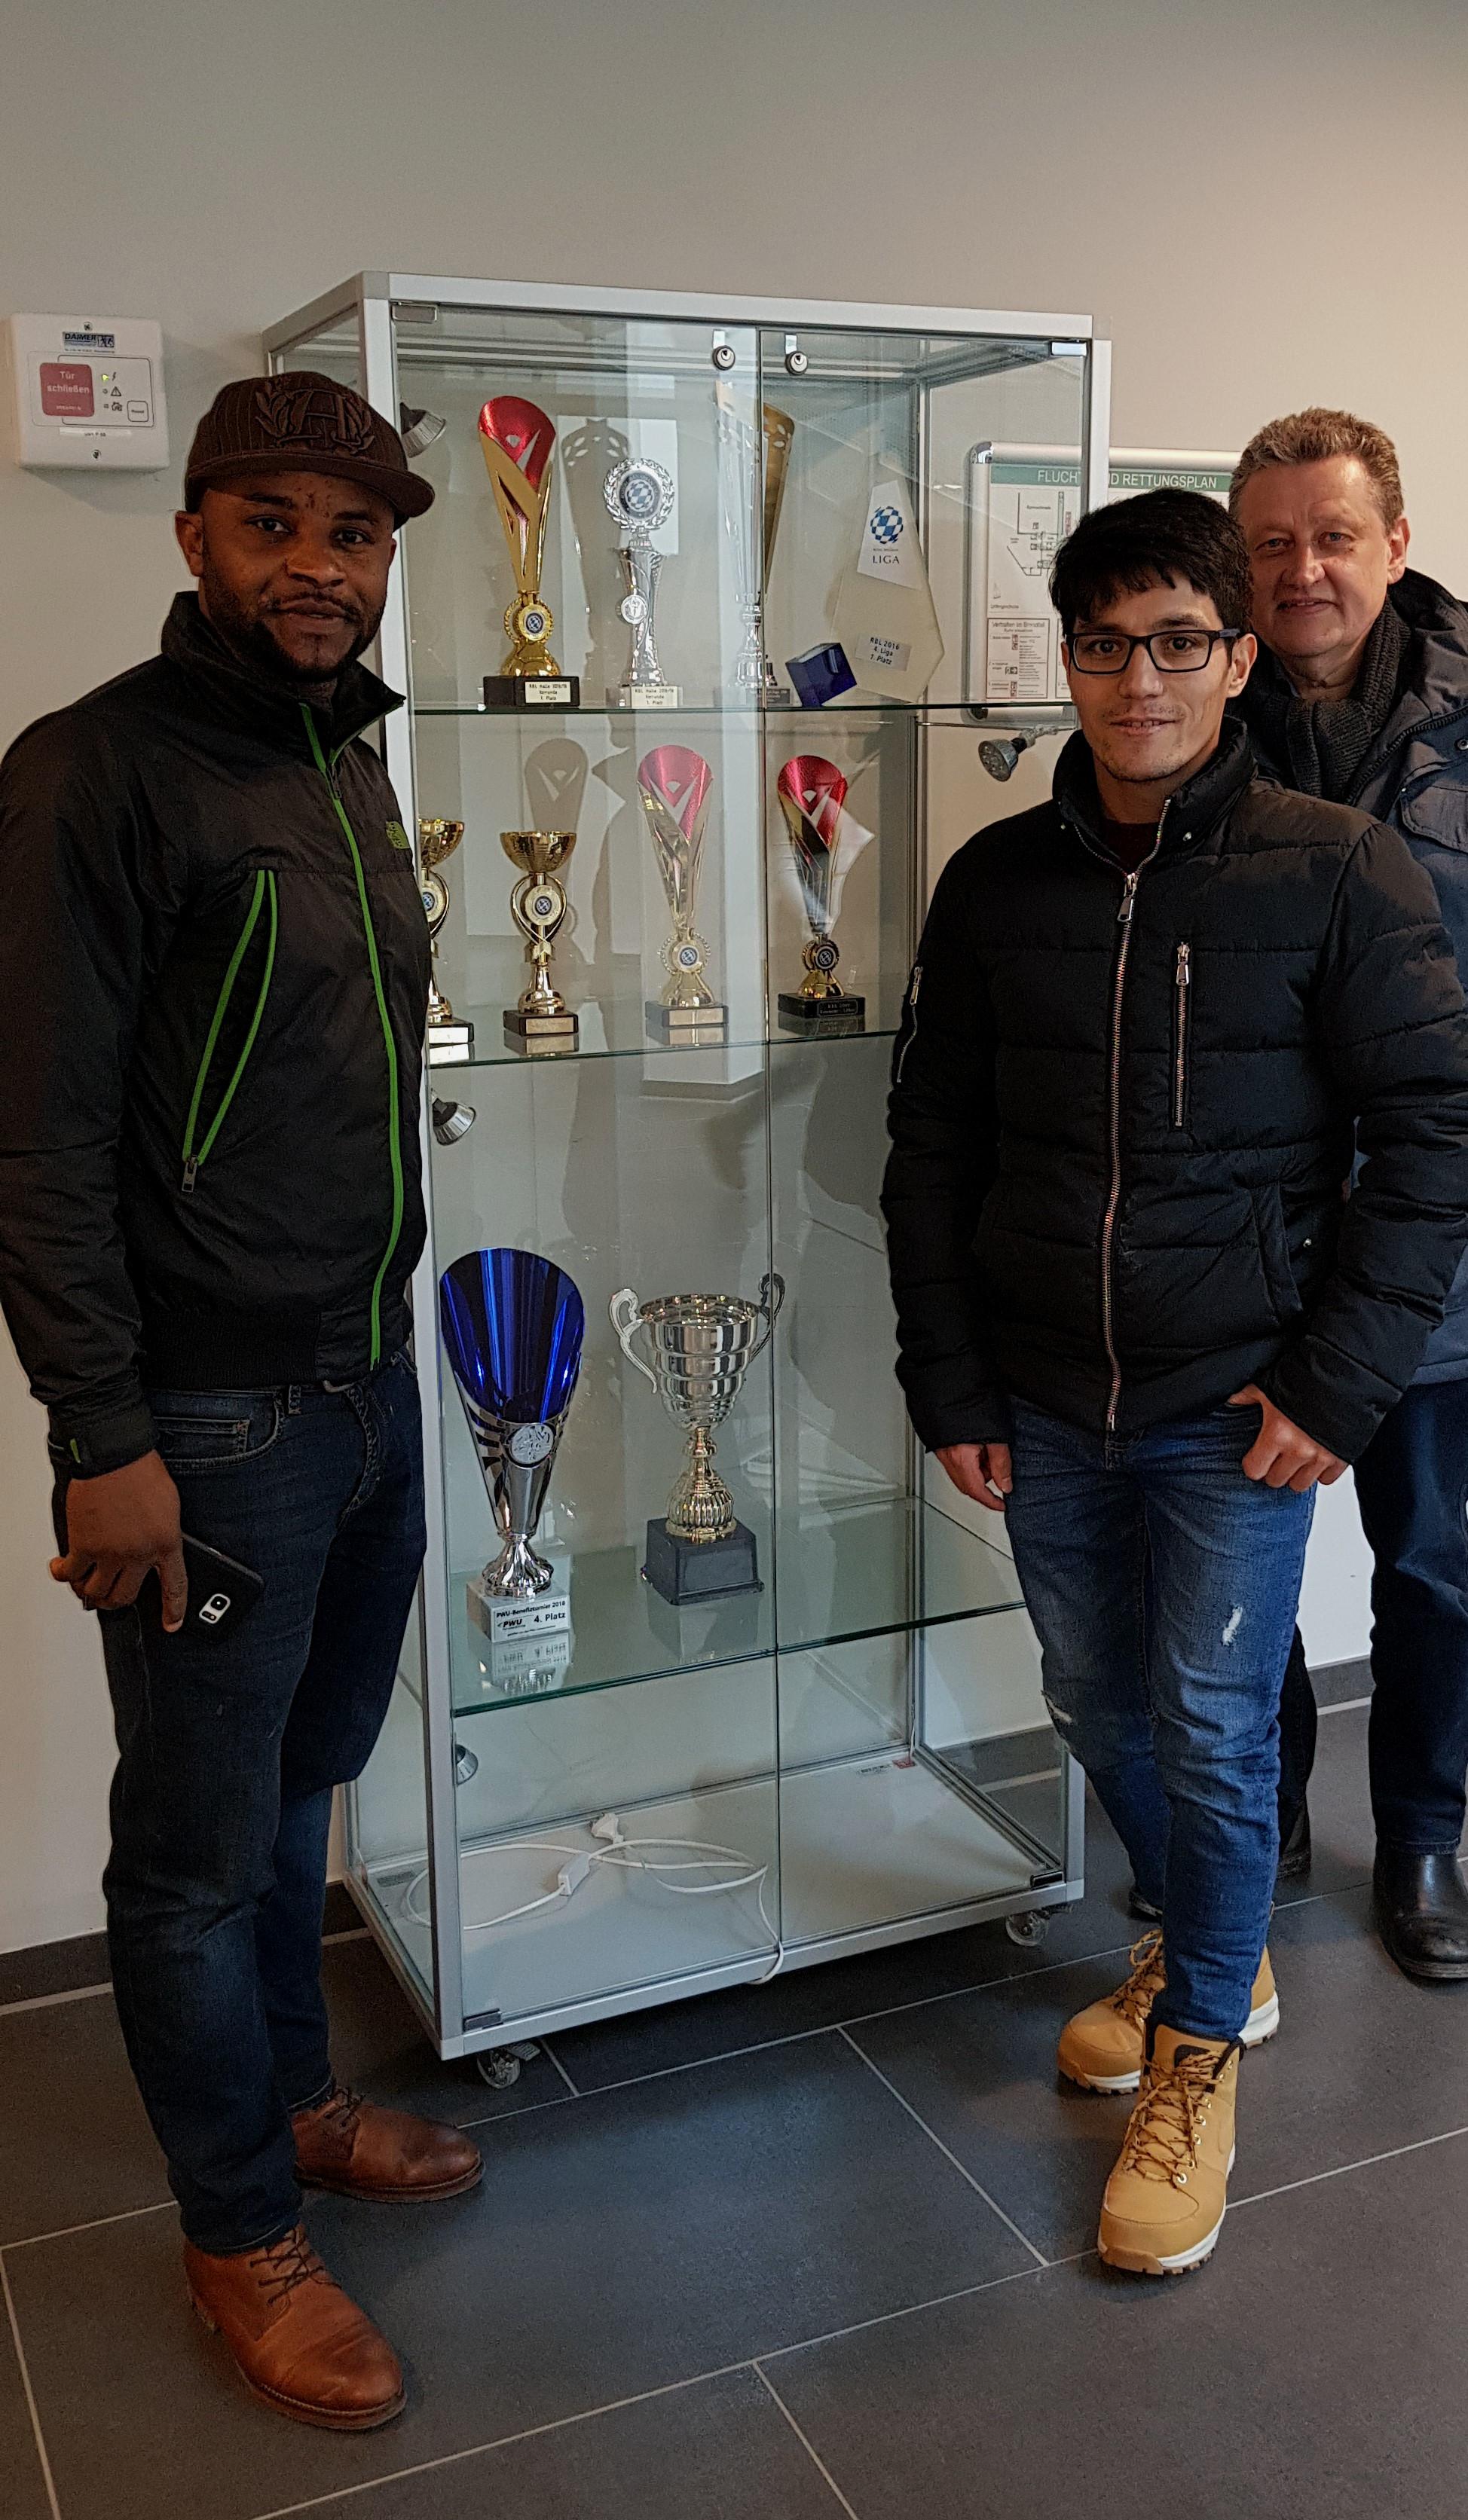 Geflüchtete Sportler zeigen Pokale im Sportzentrum